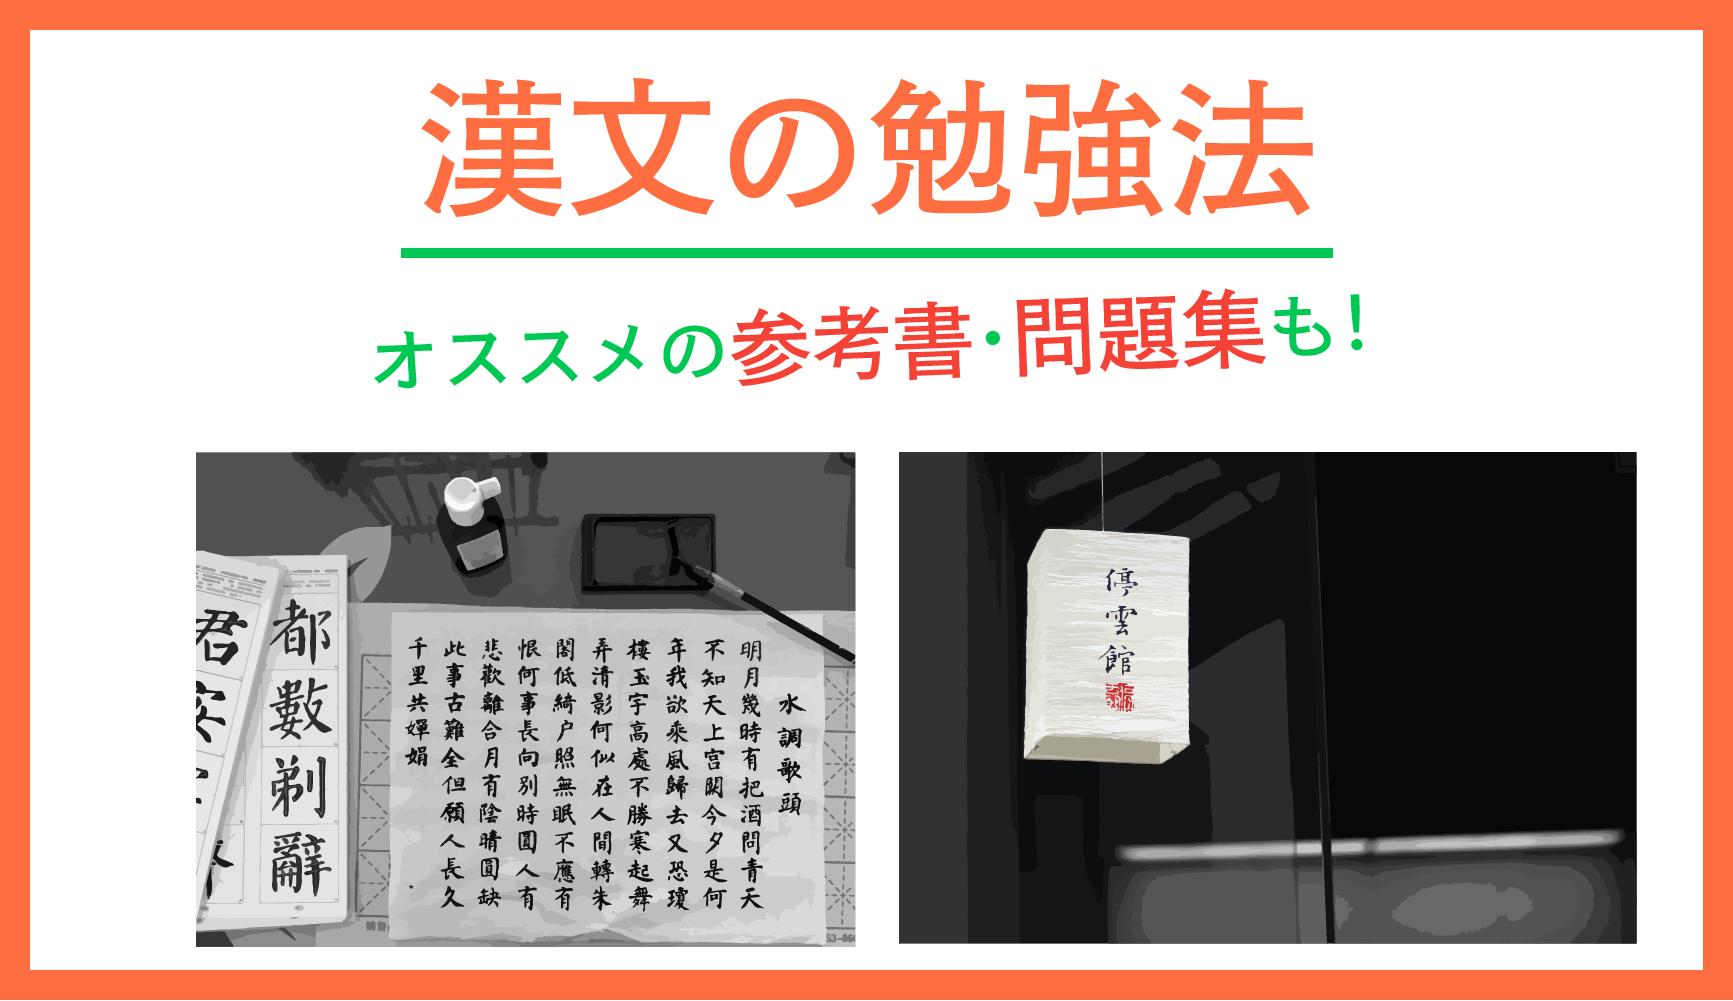 【漢文勉強法】最短ルートをオススメ参考書・問題集とともに完全解説